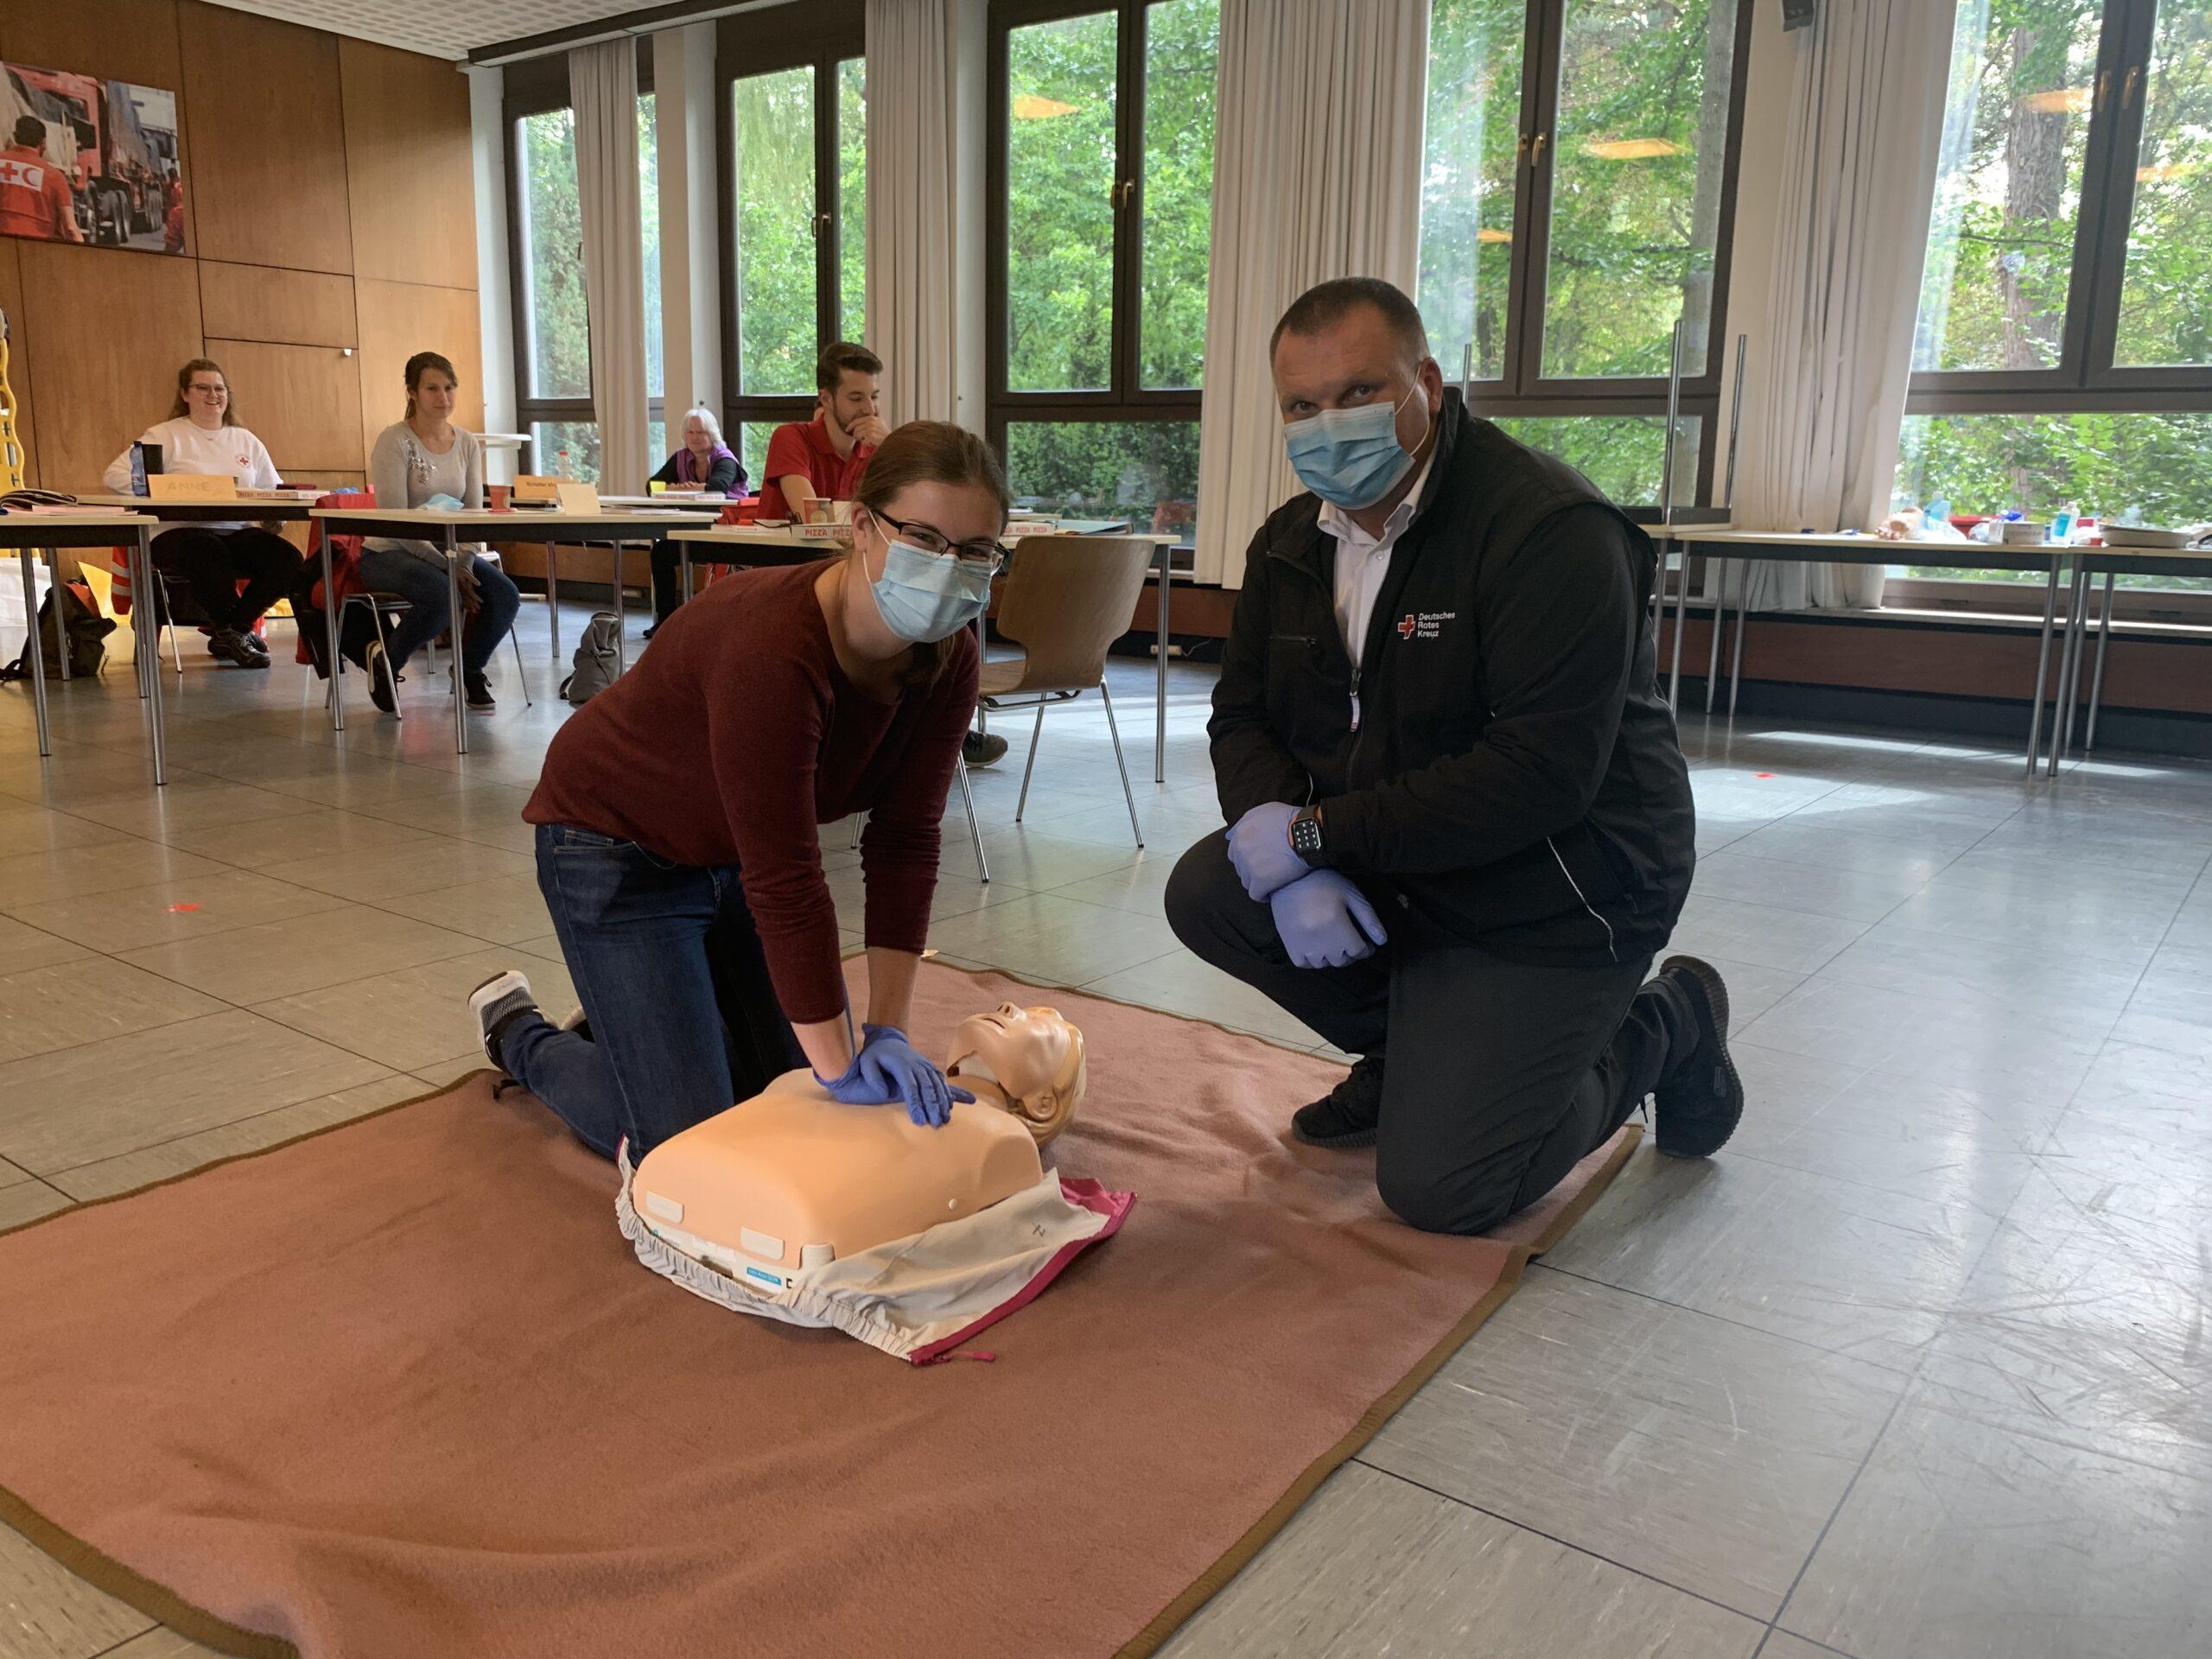 Michael Karlstetter und Angelina Hummeshage bei der praktischen Übung in der Sanitätsgrundausbildung